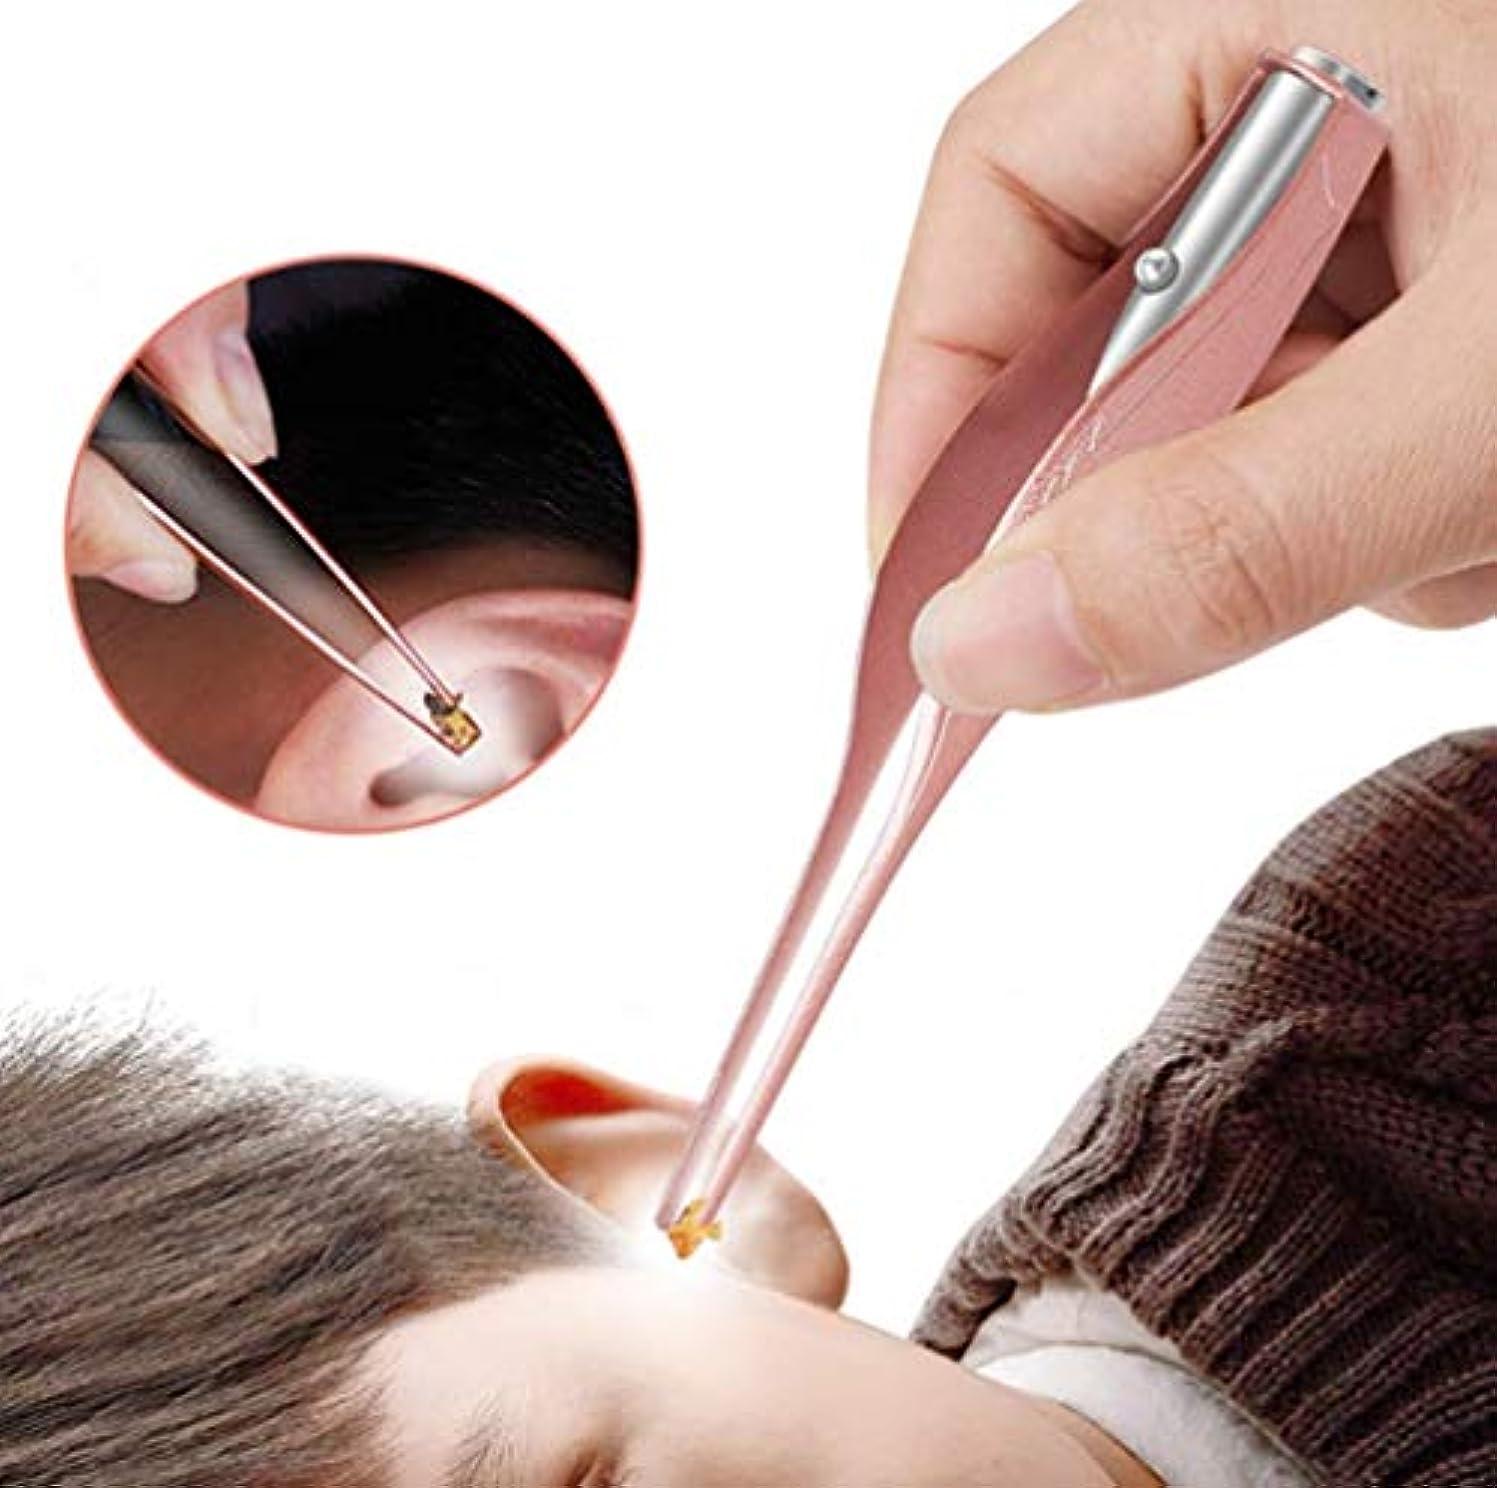 朝食を食べる剛性ために耳かき ピンセット LEDライト付き 耳掃除 子供用 極細先端 ステンレス製 ピンセットタイプ ミミ光棒 はっきり見える 電池付き (ローズゴールド)